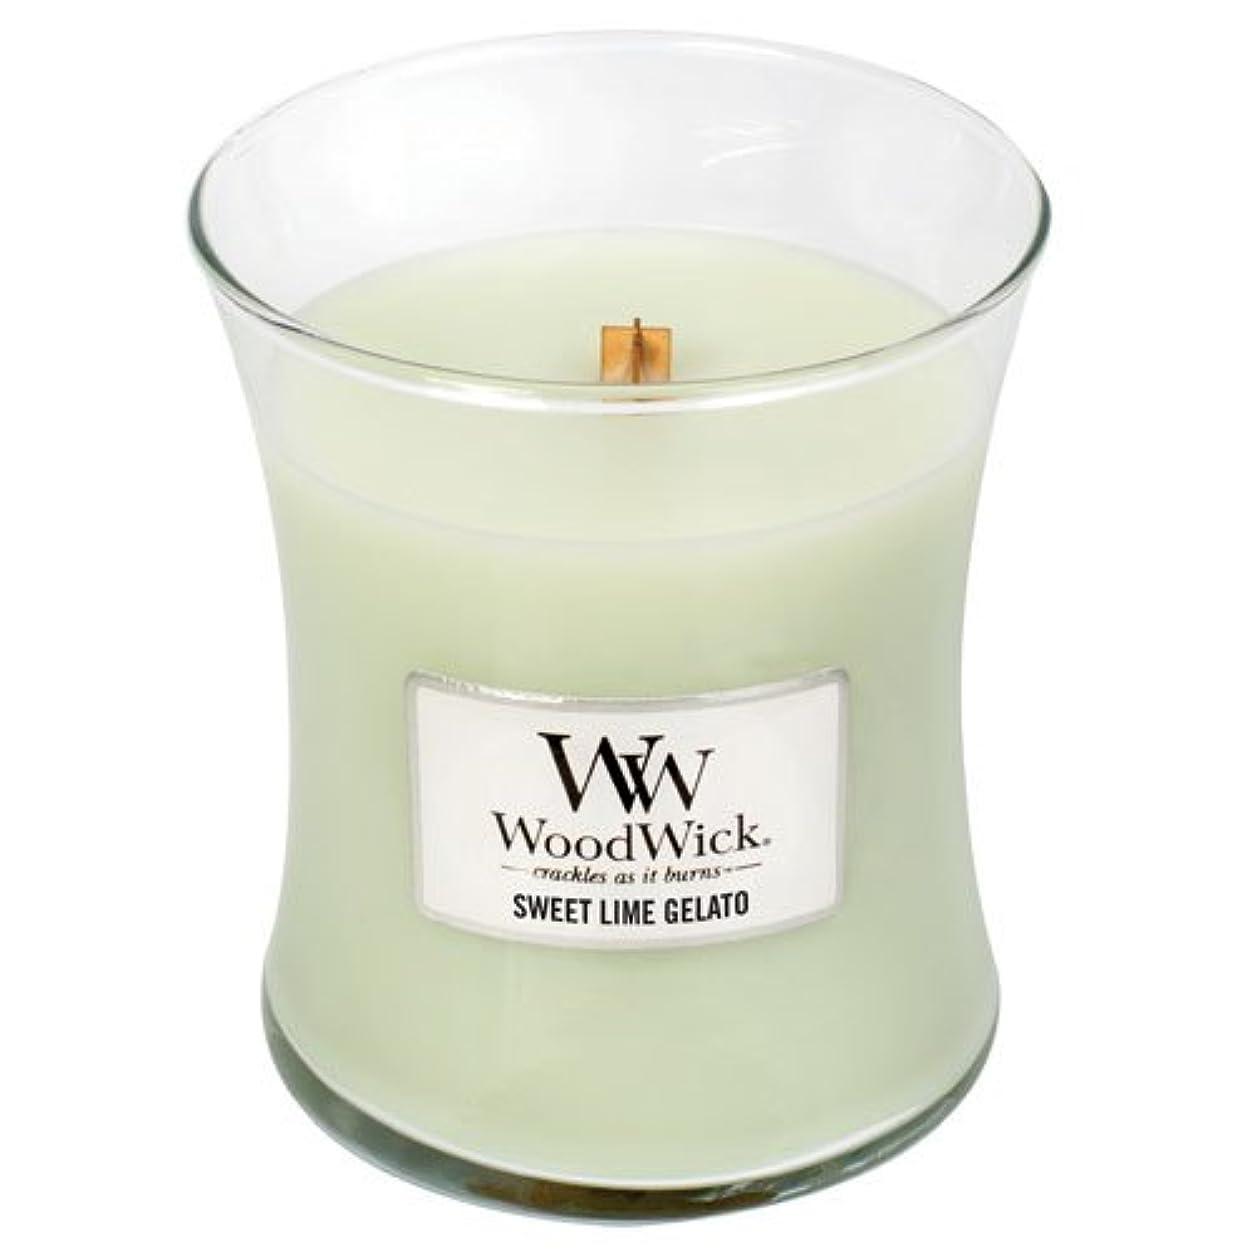 学校本に同意するSweetライムGelato WoodWick 10oz香りつきJar Candle